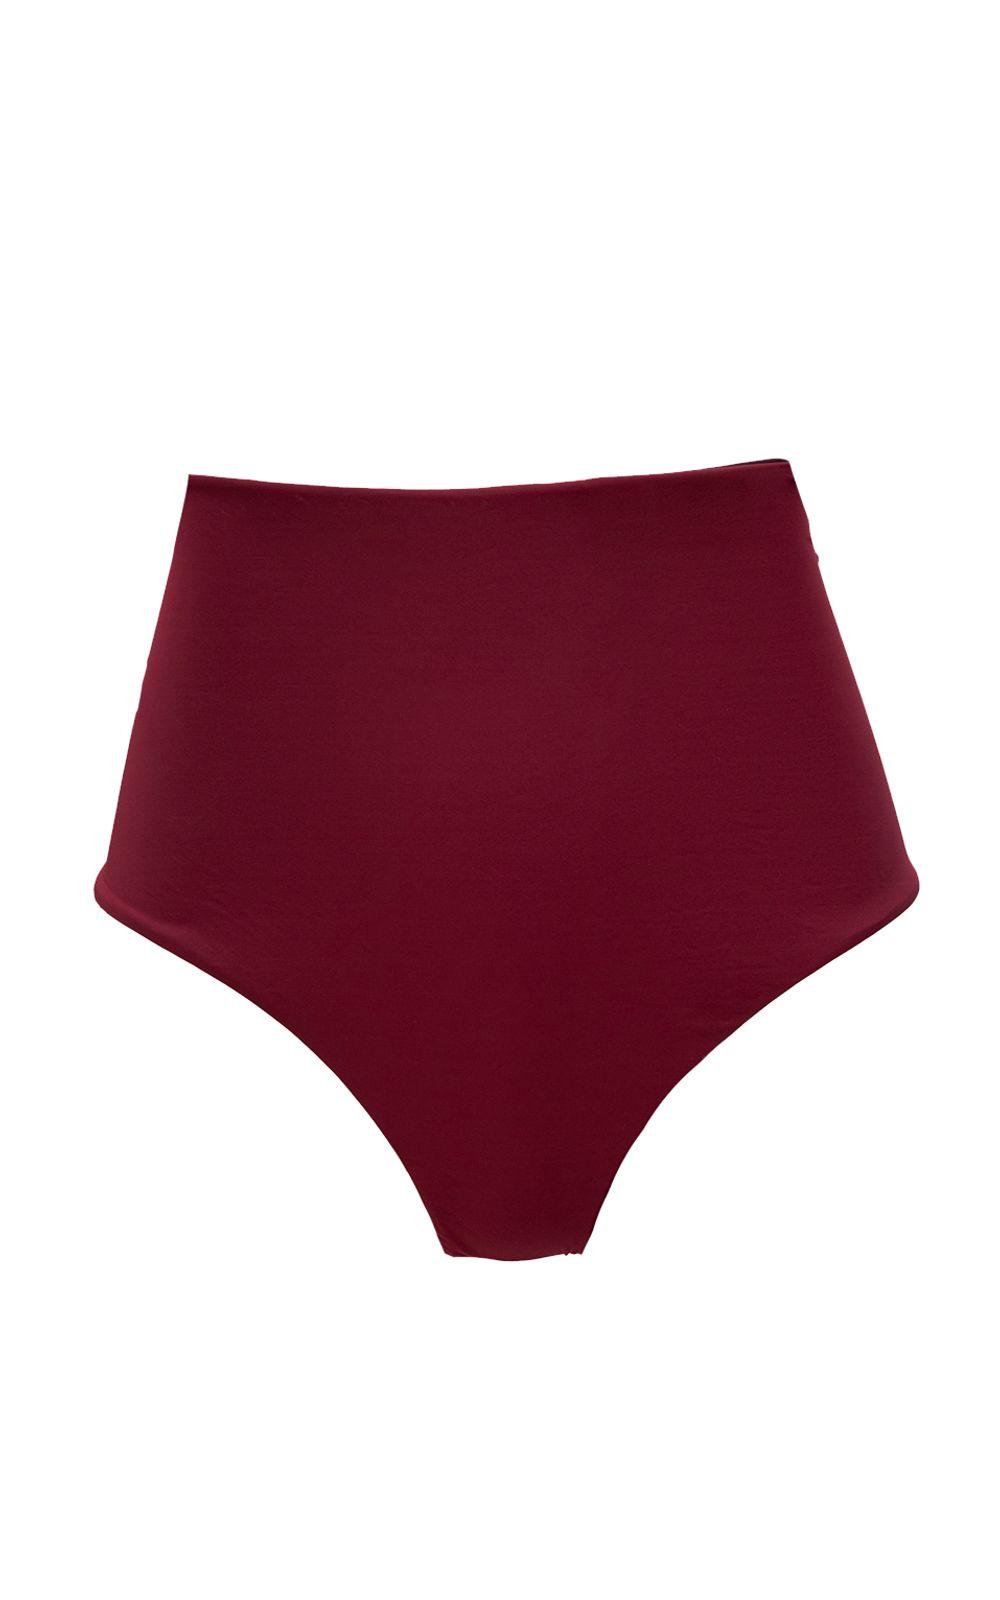 Foto 5 - Hot Pant Double Face Vermelho e Vinho